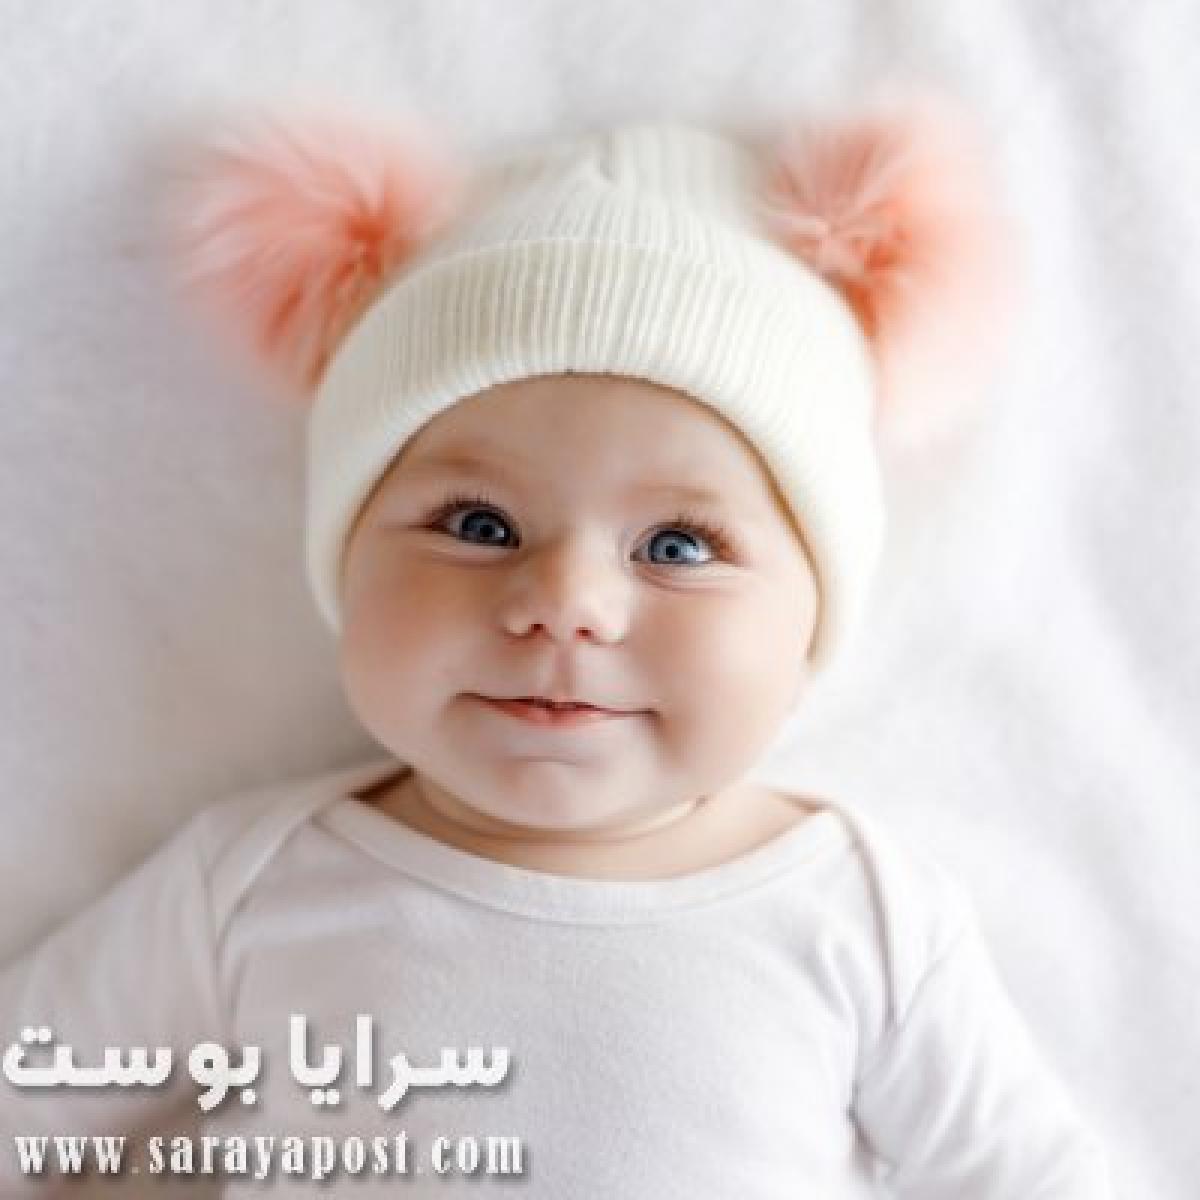 اسماء بنات 2020 مسلمه حلوة ونادرة ومعانيها للمواليد